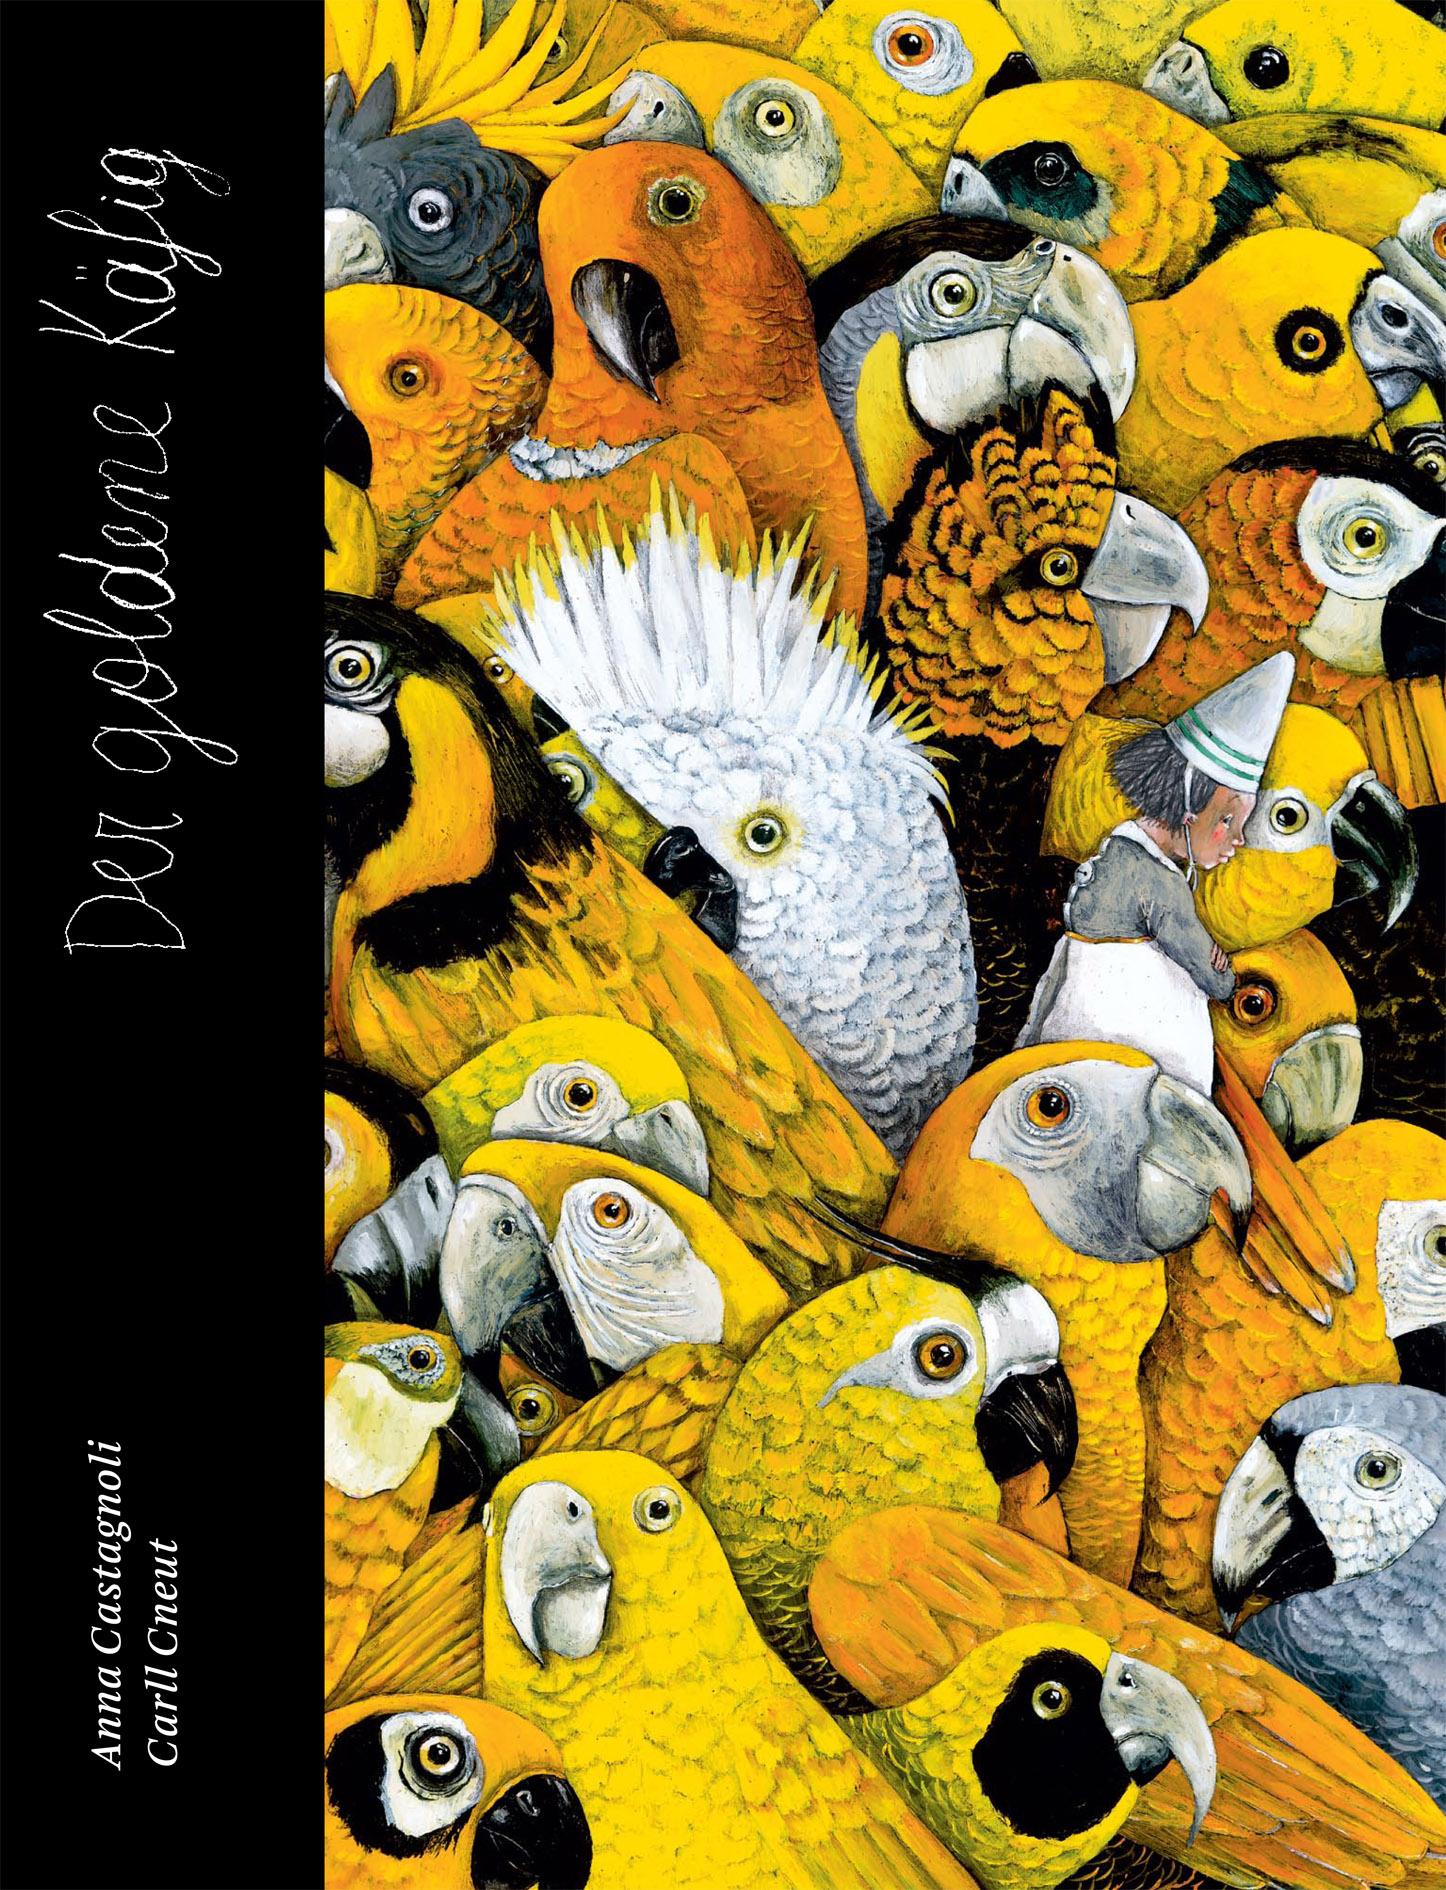 BI_160321_der_goldene_kaefig_cover_new